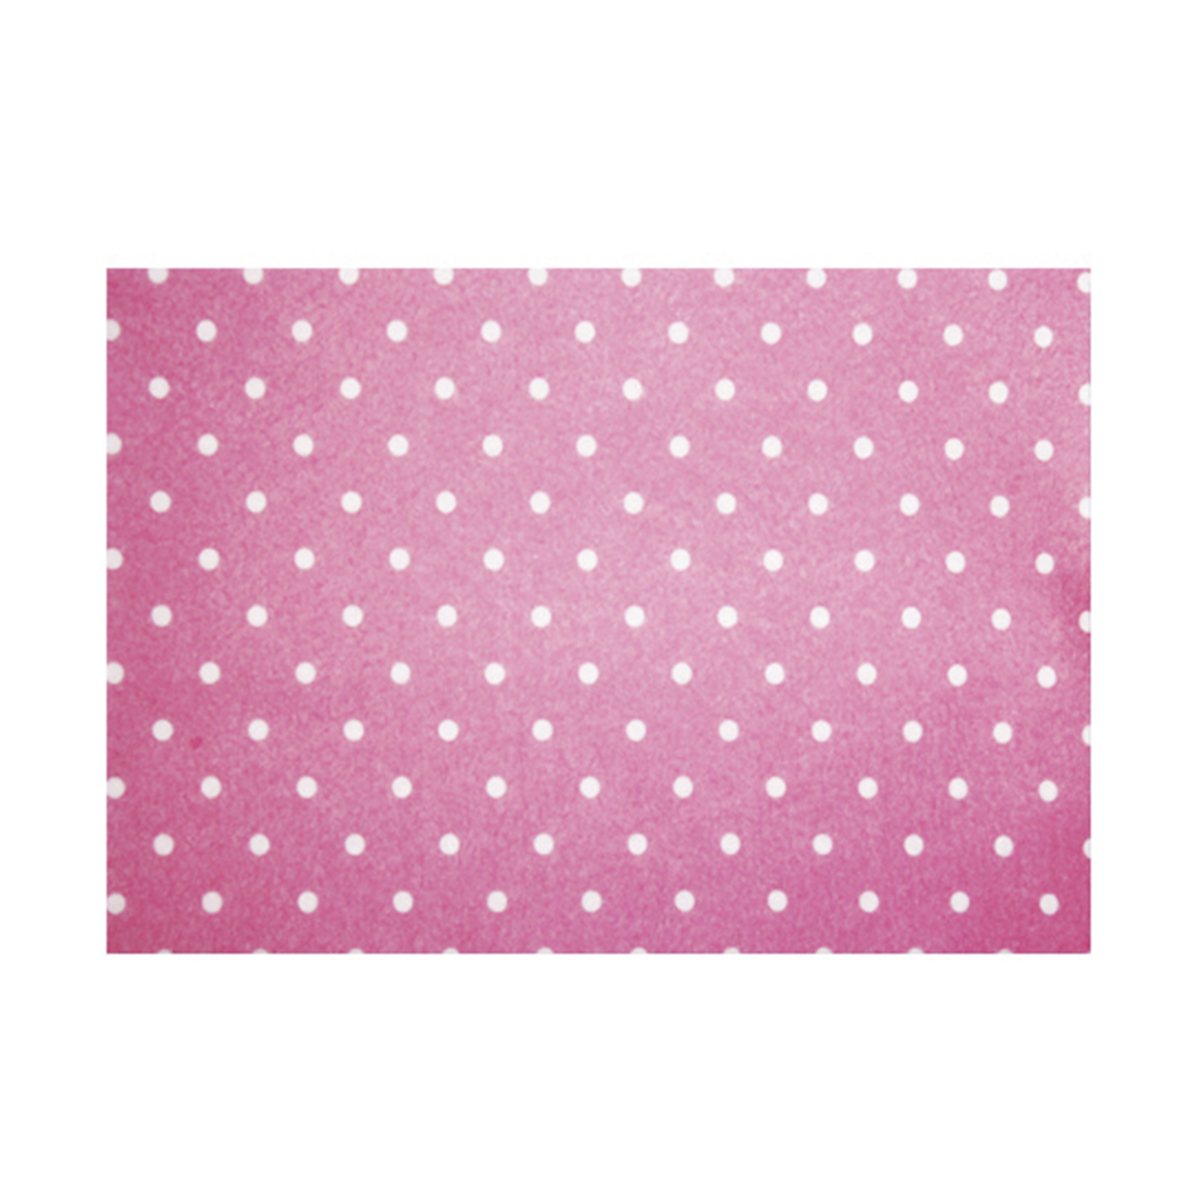 Фетр листовой декоративный Астра Горох, цвет: розовый, 20 х 27 см, 10 шт7712689_YF 614 розовый